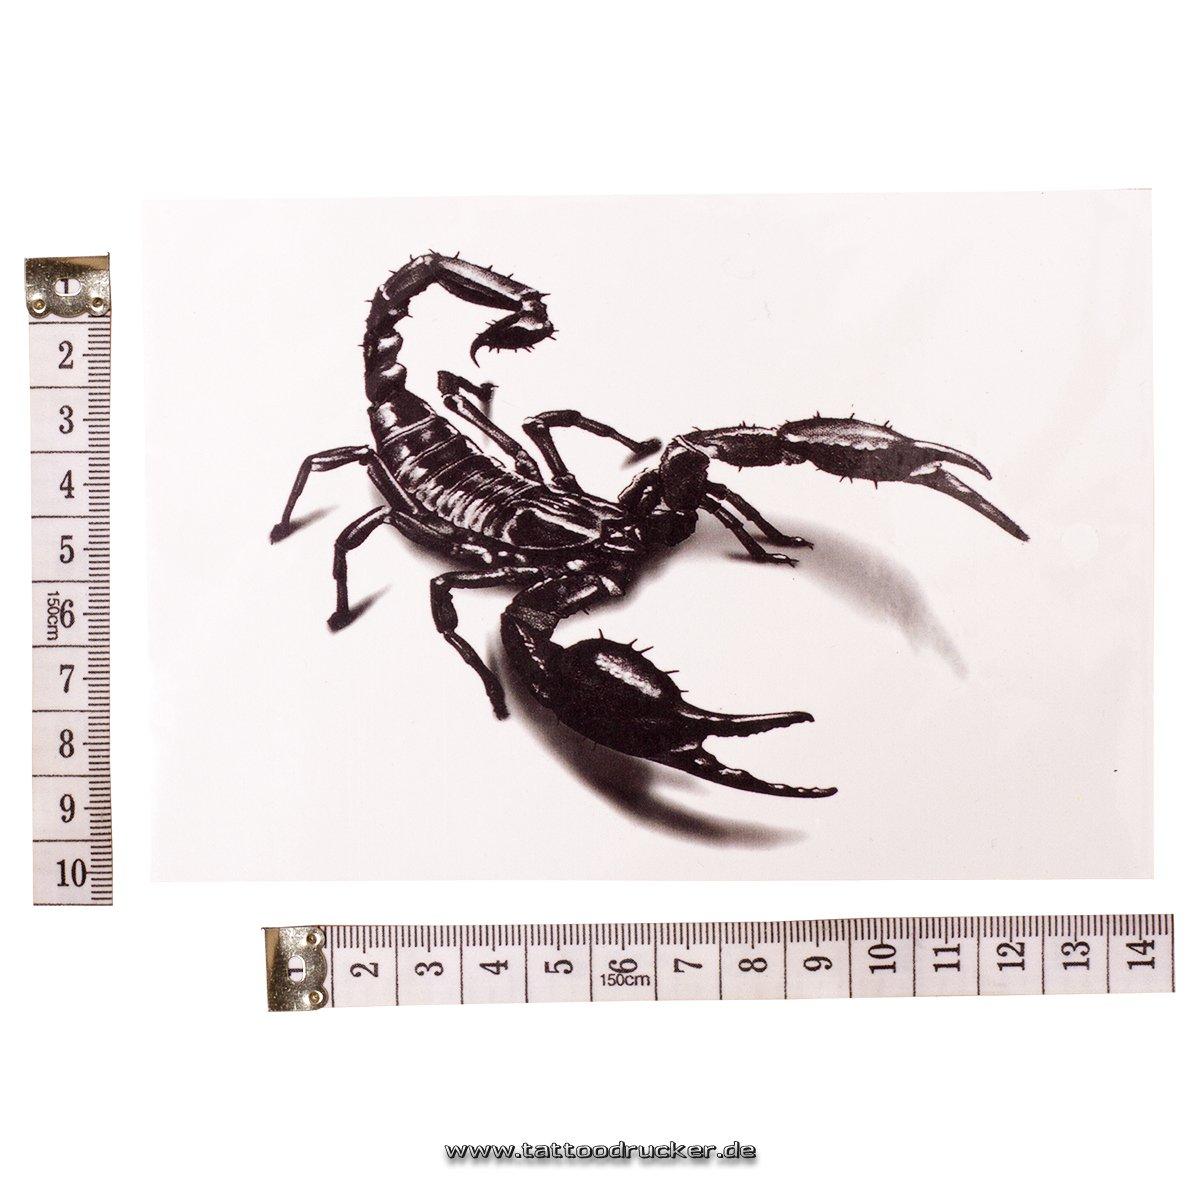 Black Scorpion 3d Tattoo – Escorpión Tattoo – temporales tatuaje ...